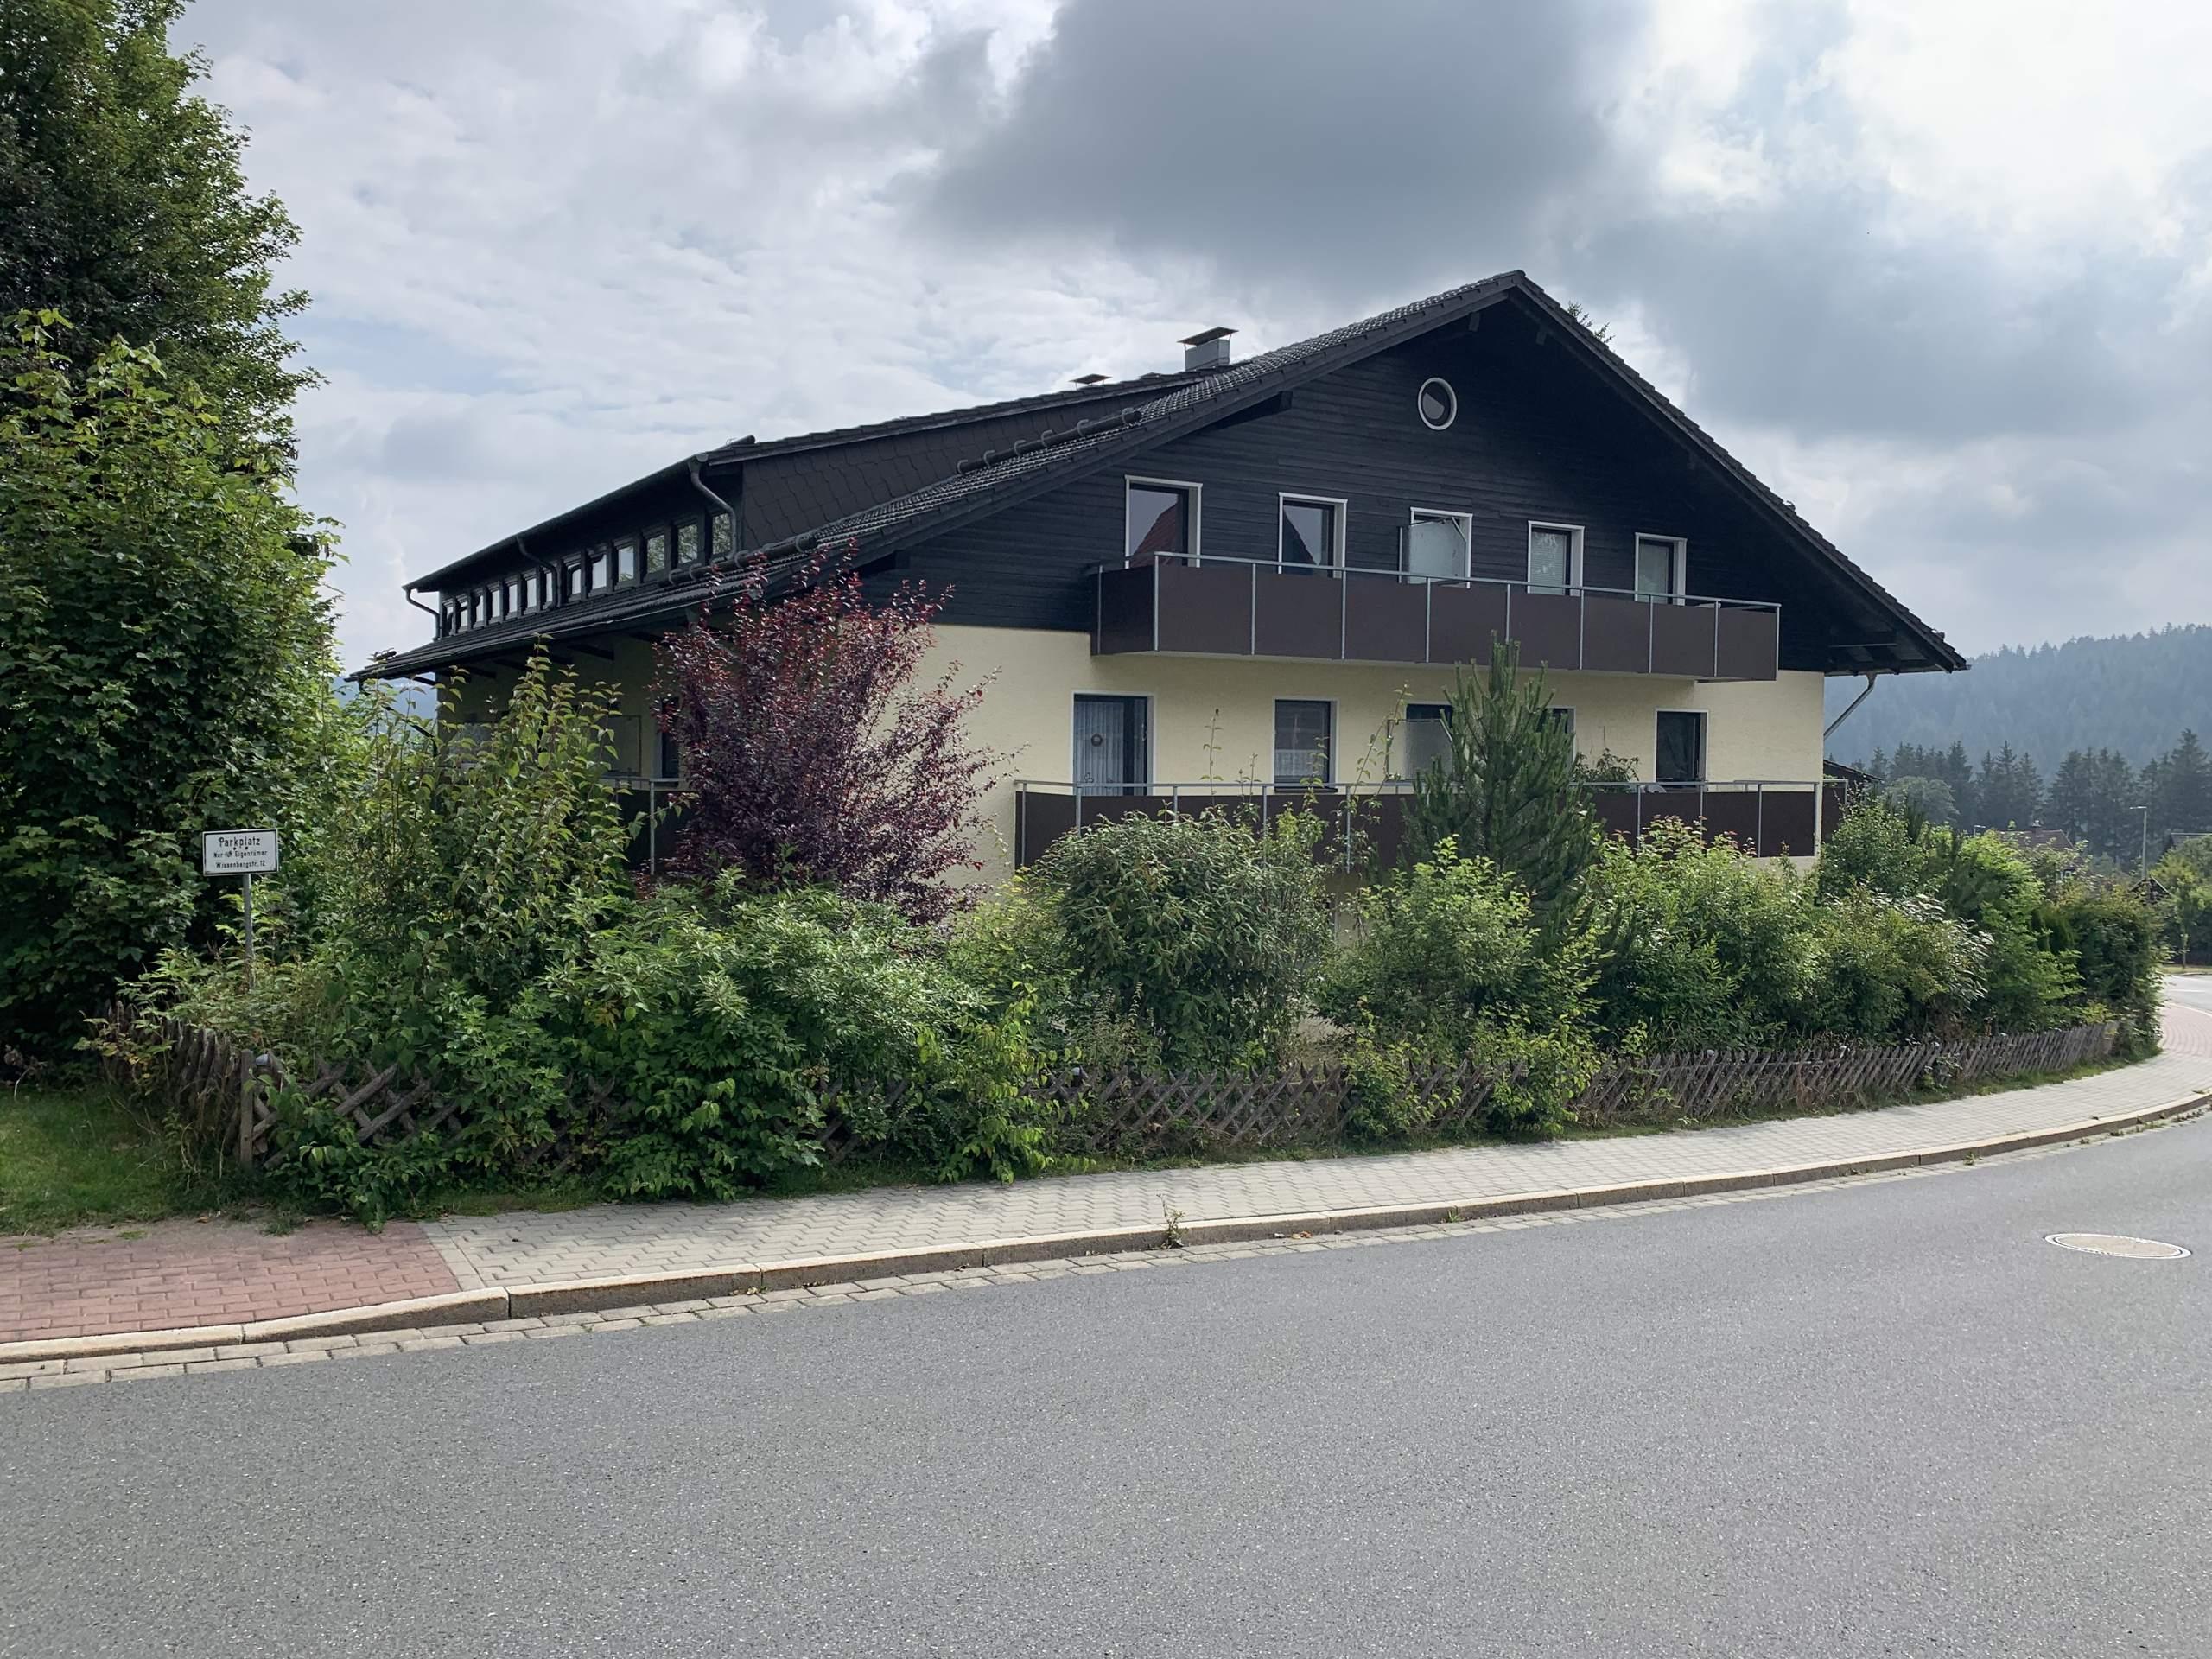 Ferienwohnung Windhausen - Harz Okerblick in Schulenberg - Hausansicht